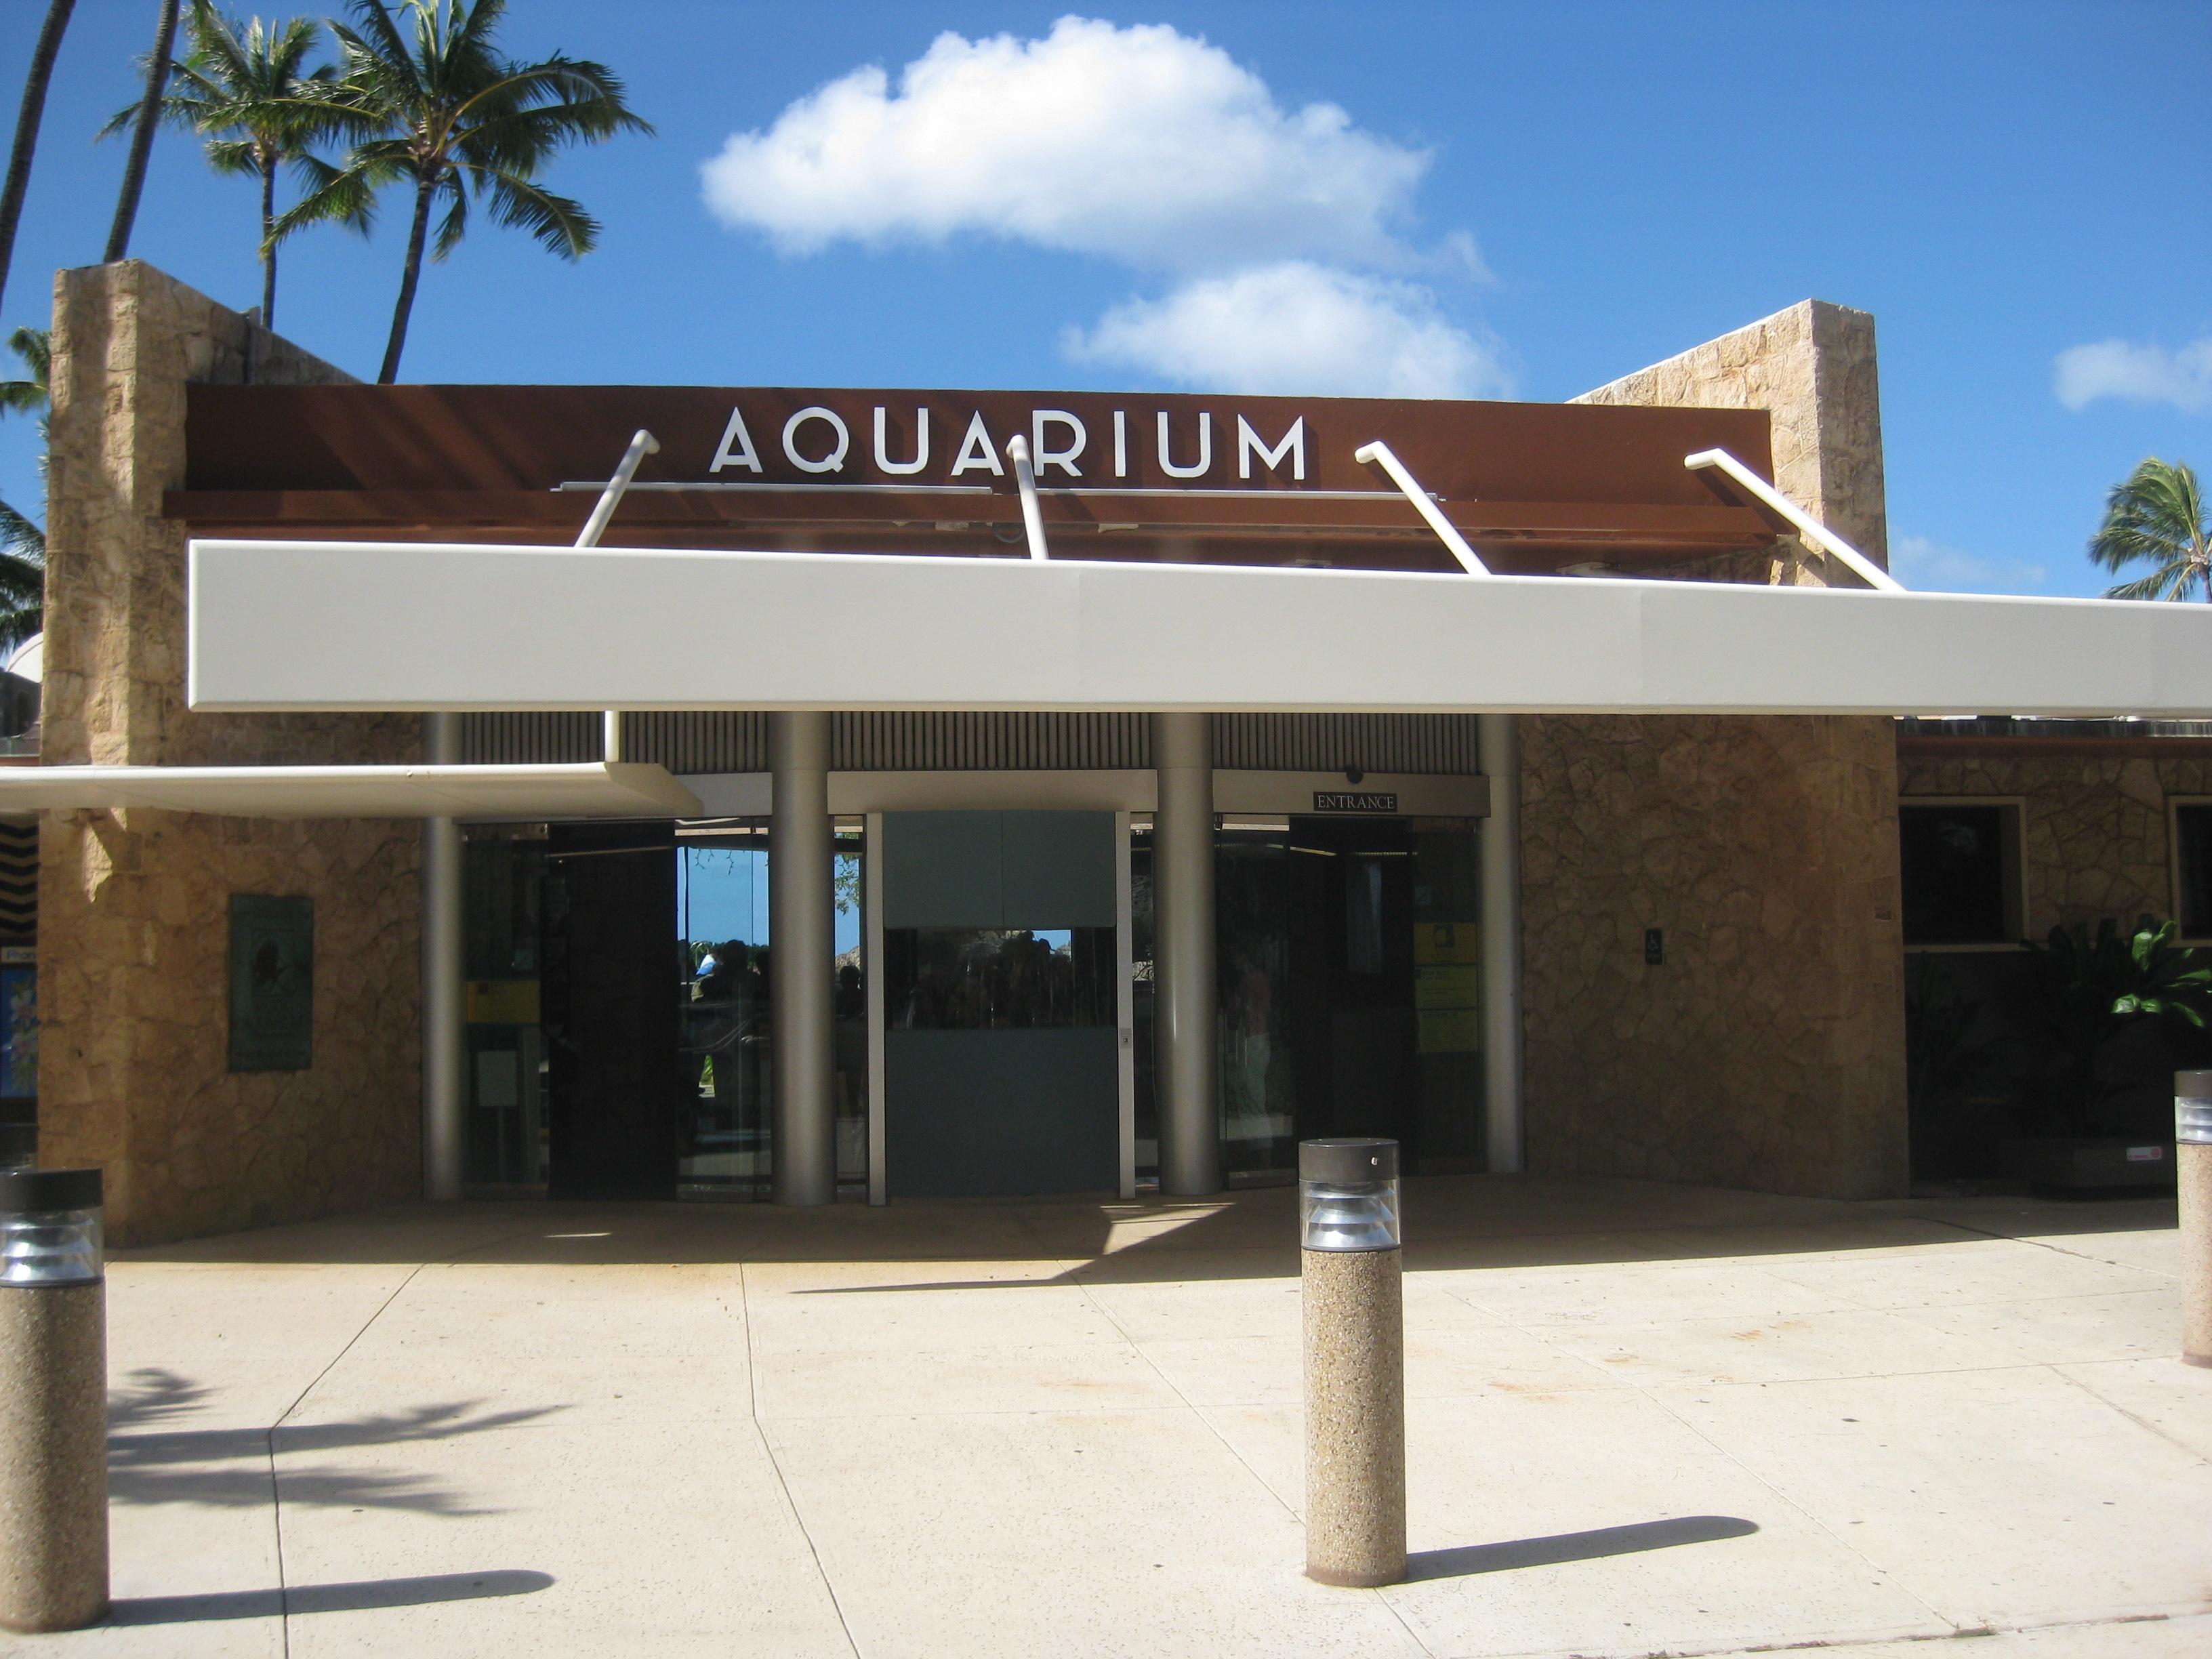 Waikiki Aquarium entrance.JPG